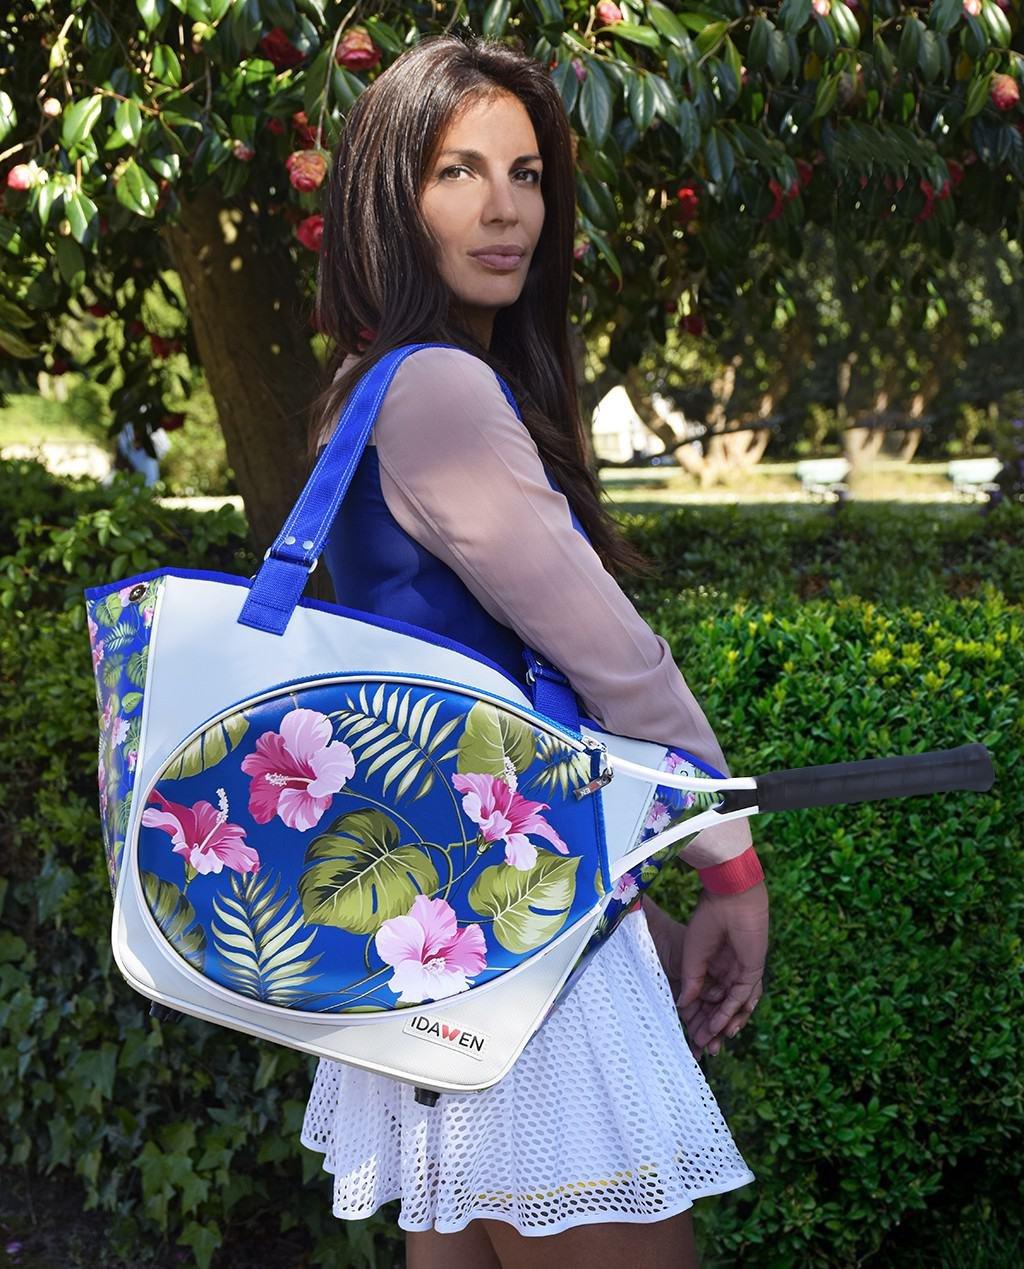 idawen beach hawaii tennis bag